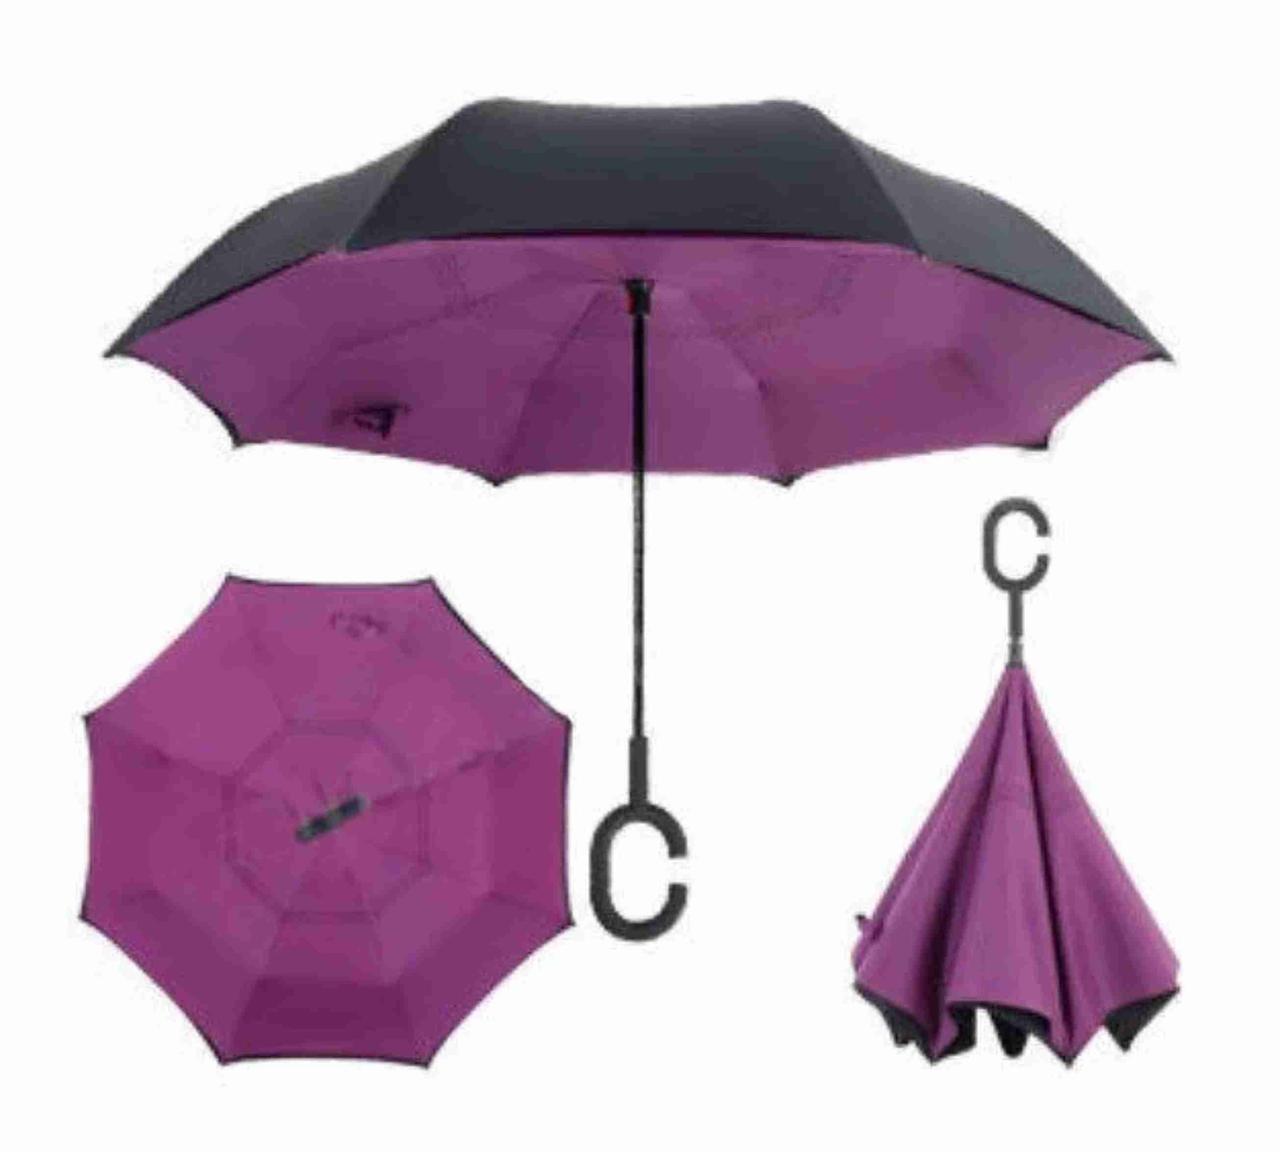 Зонтик одноцветной umbrella, Зонт наоборот, Складной механический зонт, Зонт-перевертыш, Зонт трость фиолетовы